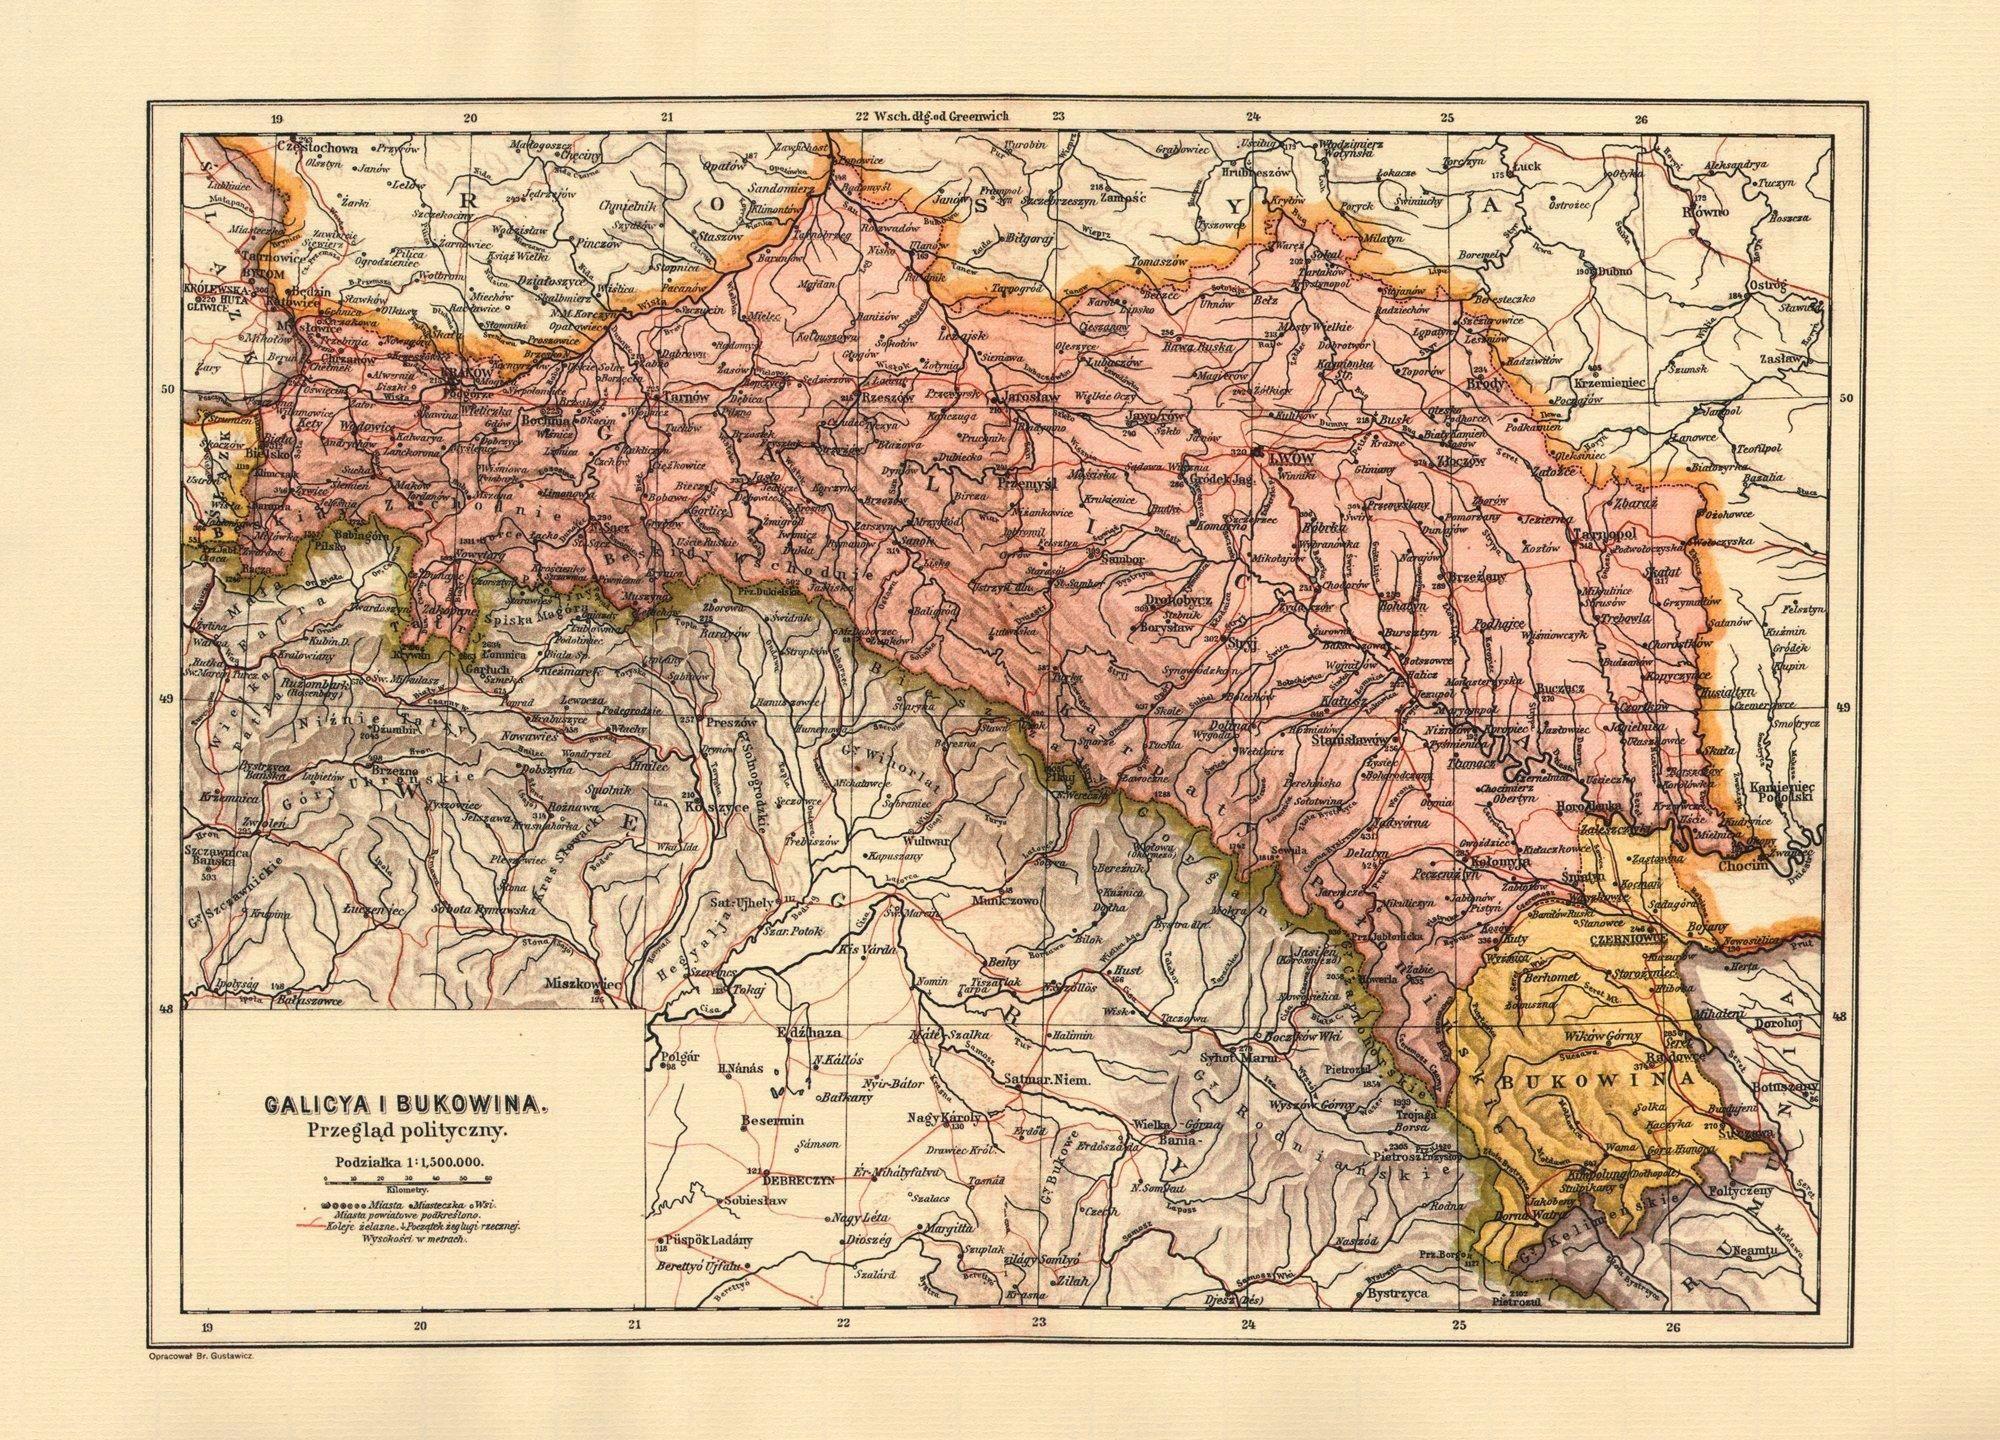 map of galicia austria 1900 Galicia And Bukovina Provinces Of Austria Hungary 1900 map of galicia austria 1900